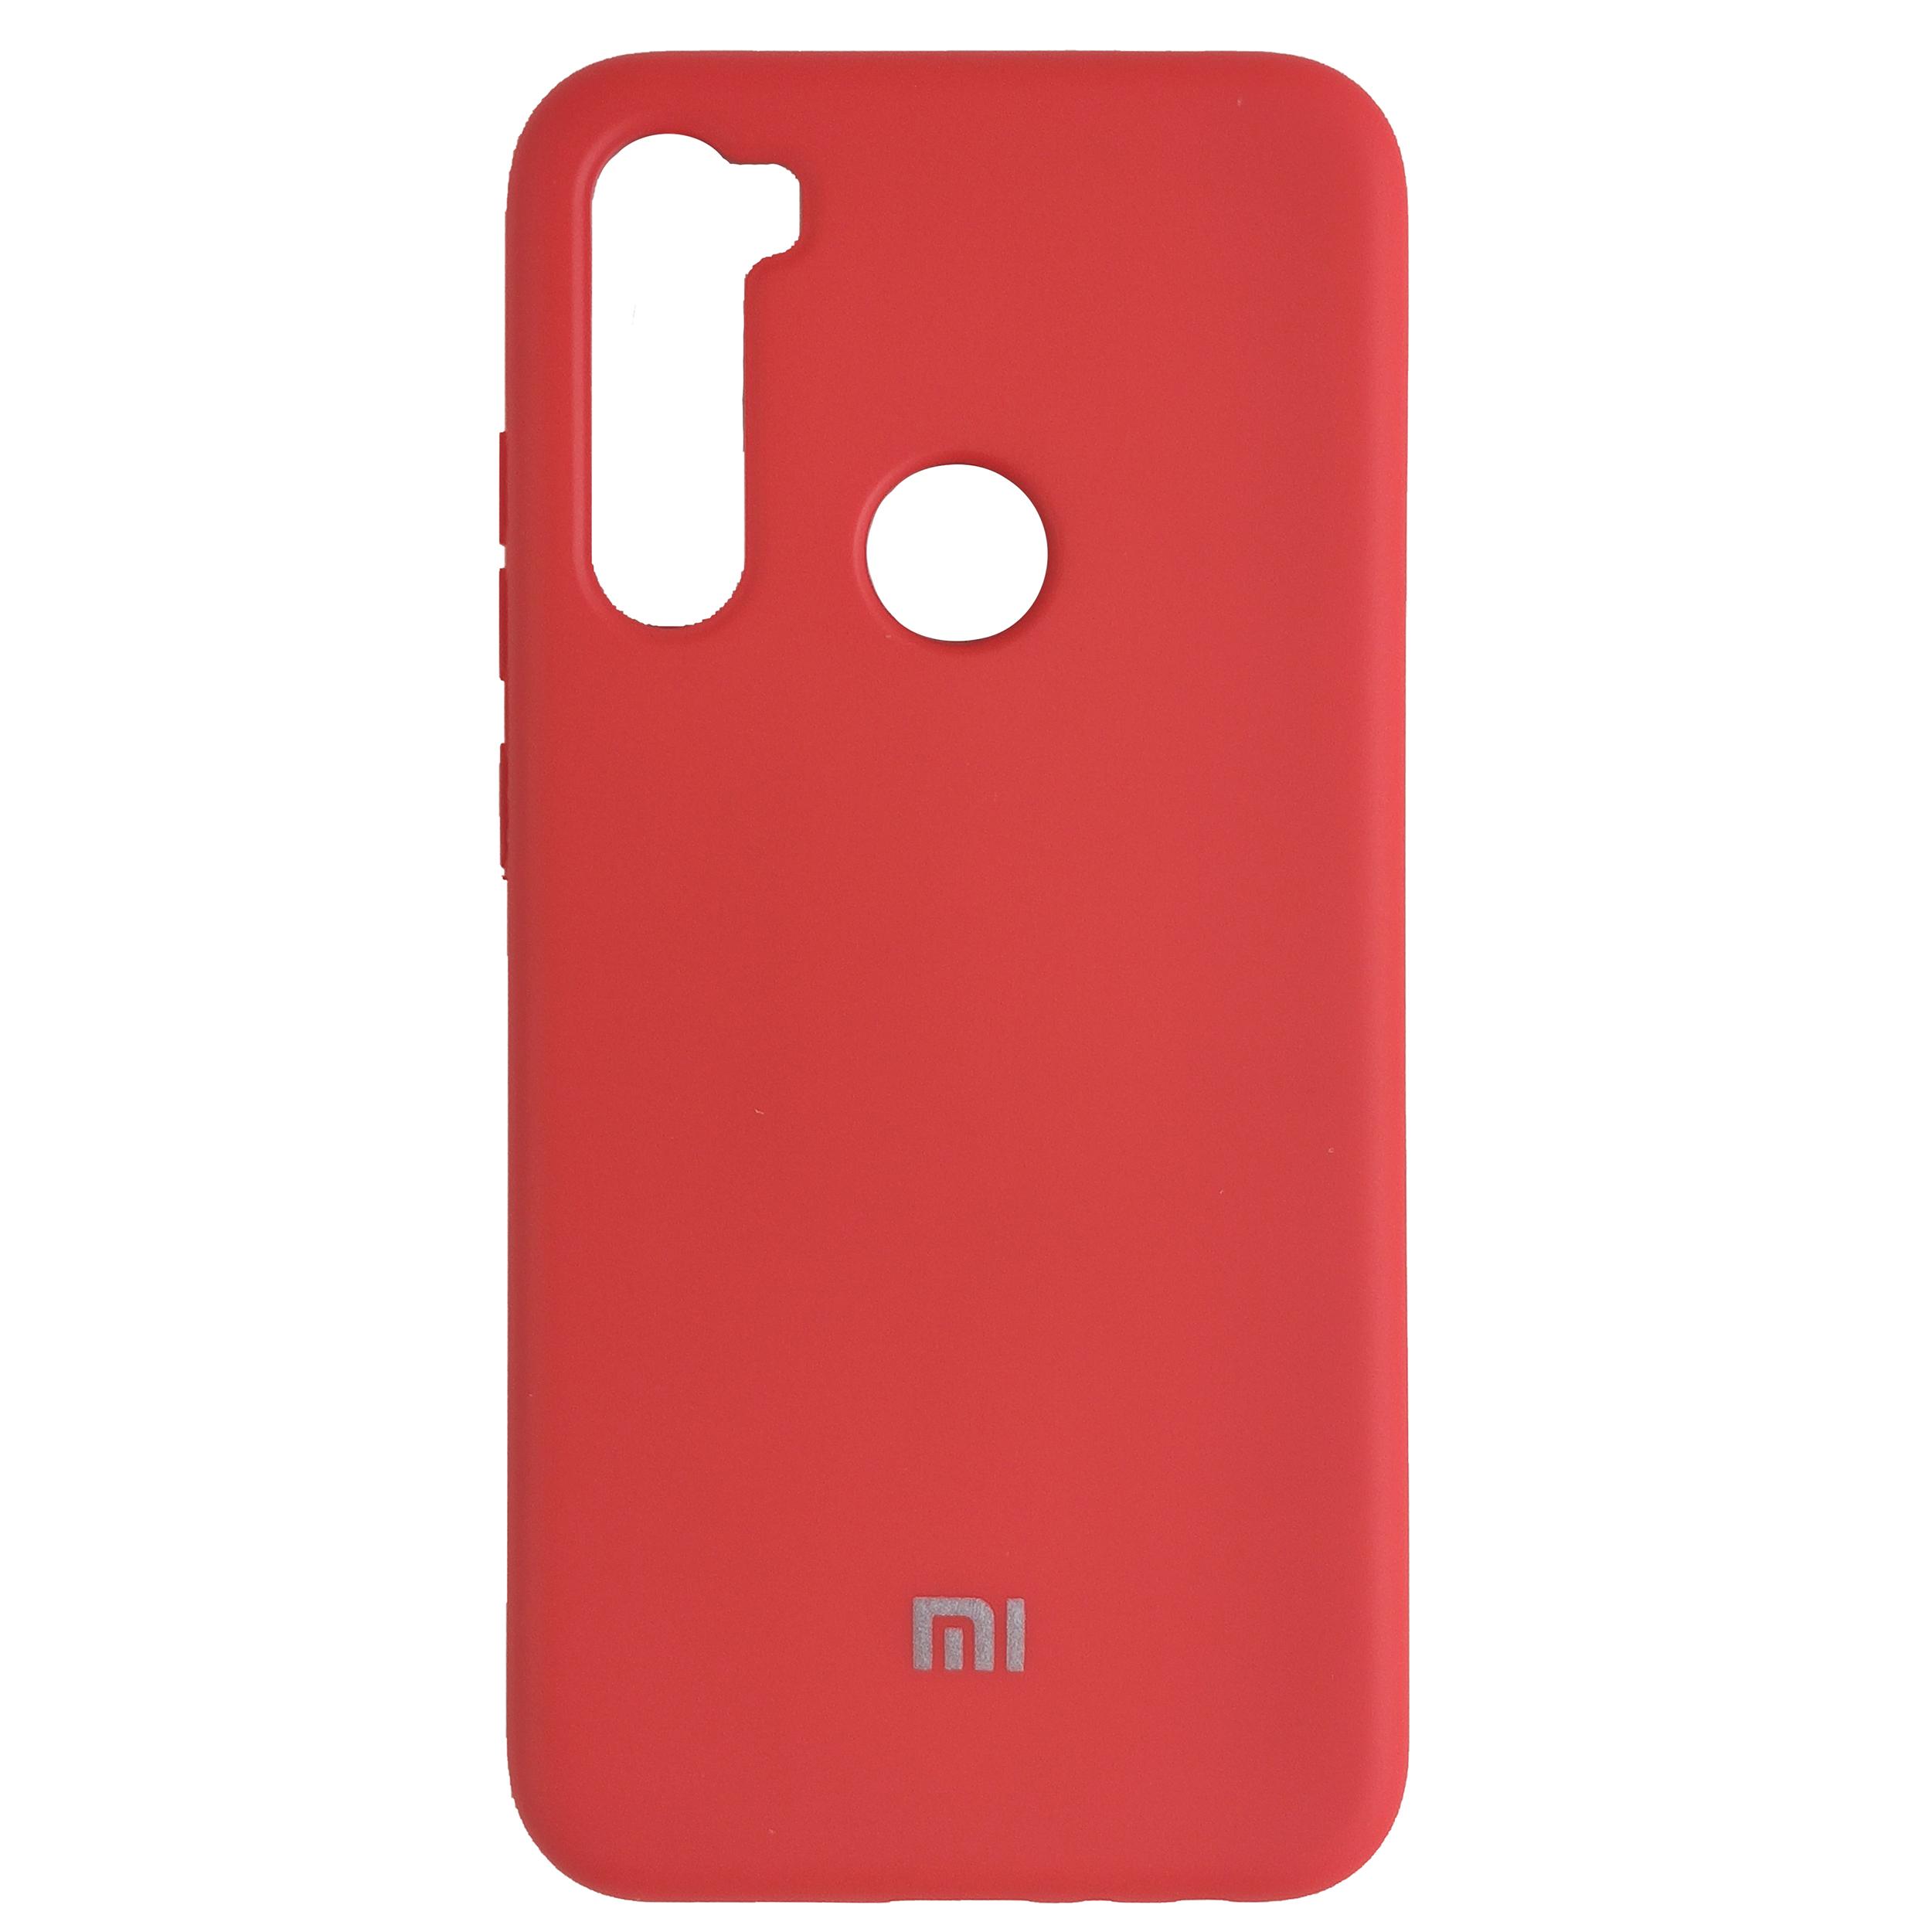 کاور مدل Sliokin مناسب برای گوشی موبایل شیائومی Redmi Note 8